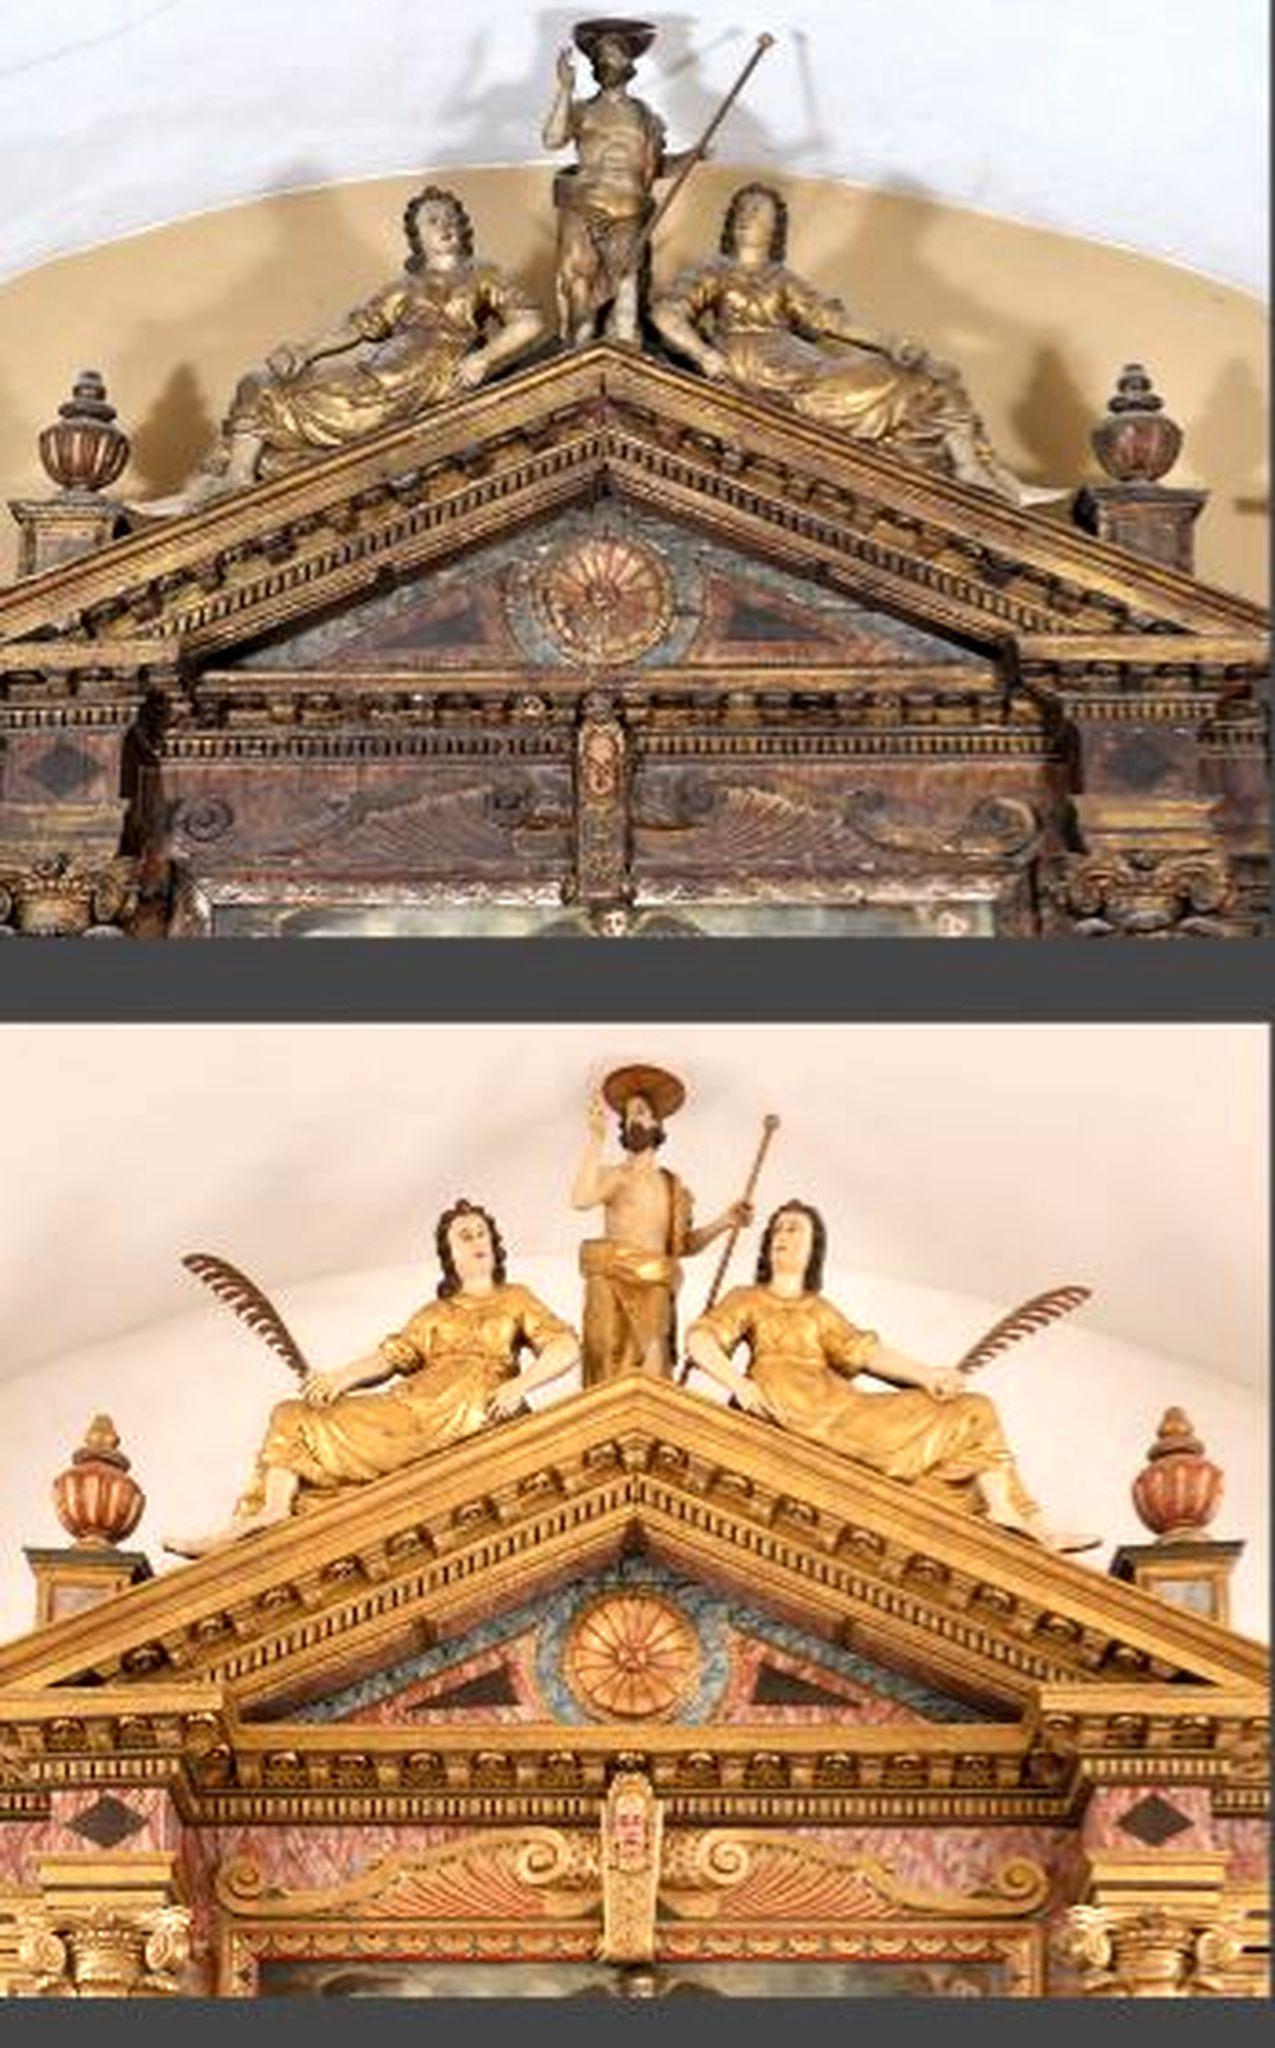 Atika glavnog oltara prije i nakon izvedenih zahvata / Snimio Mladen TRINAJSTIĆ